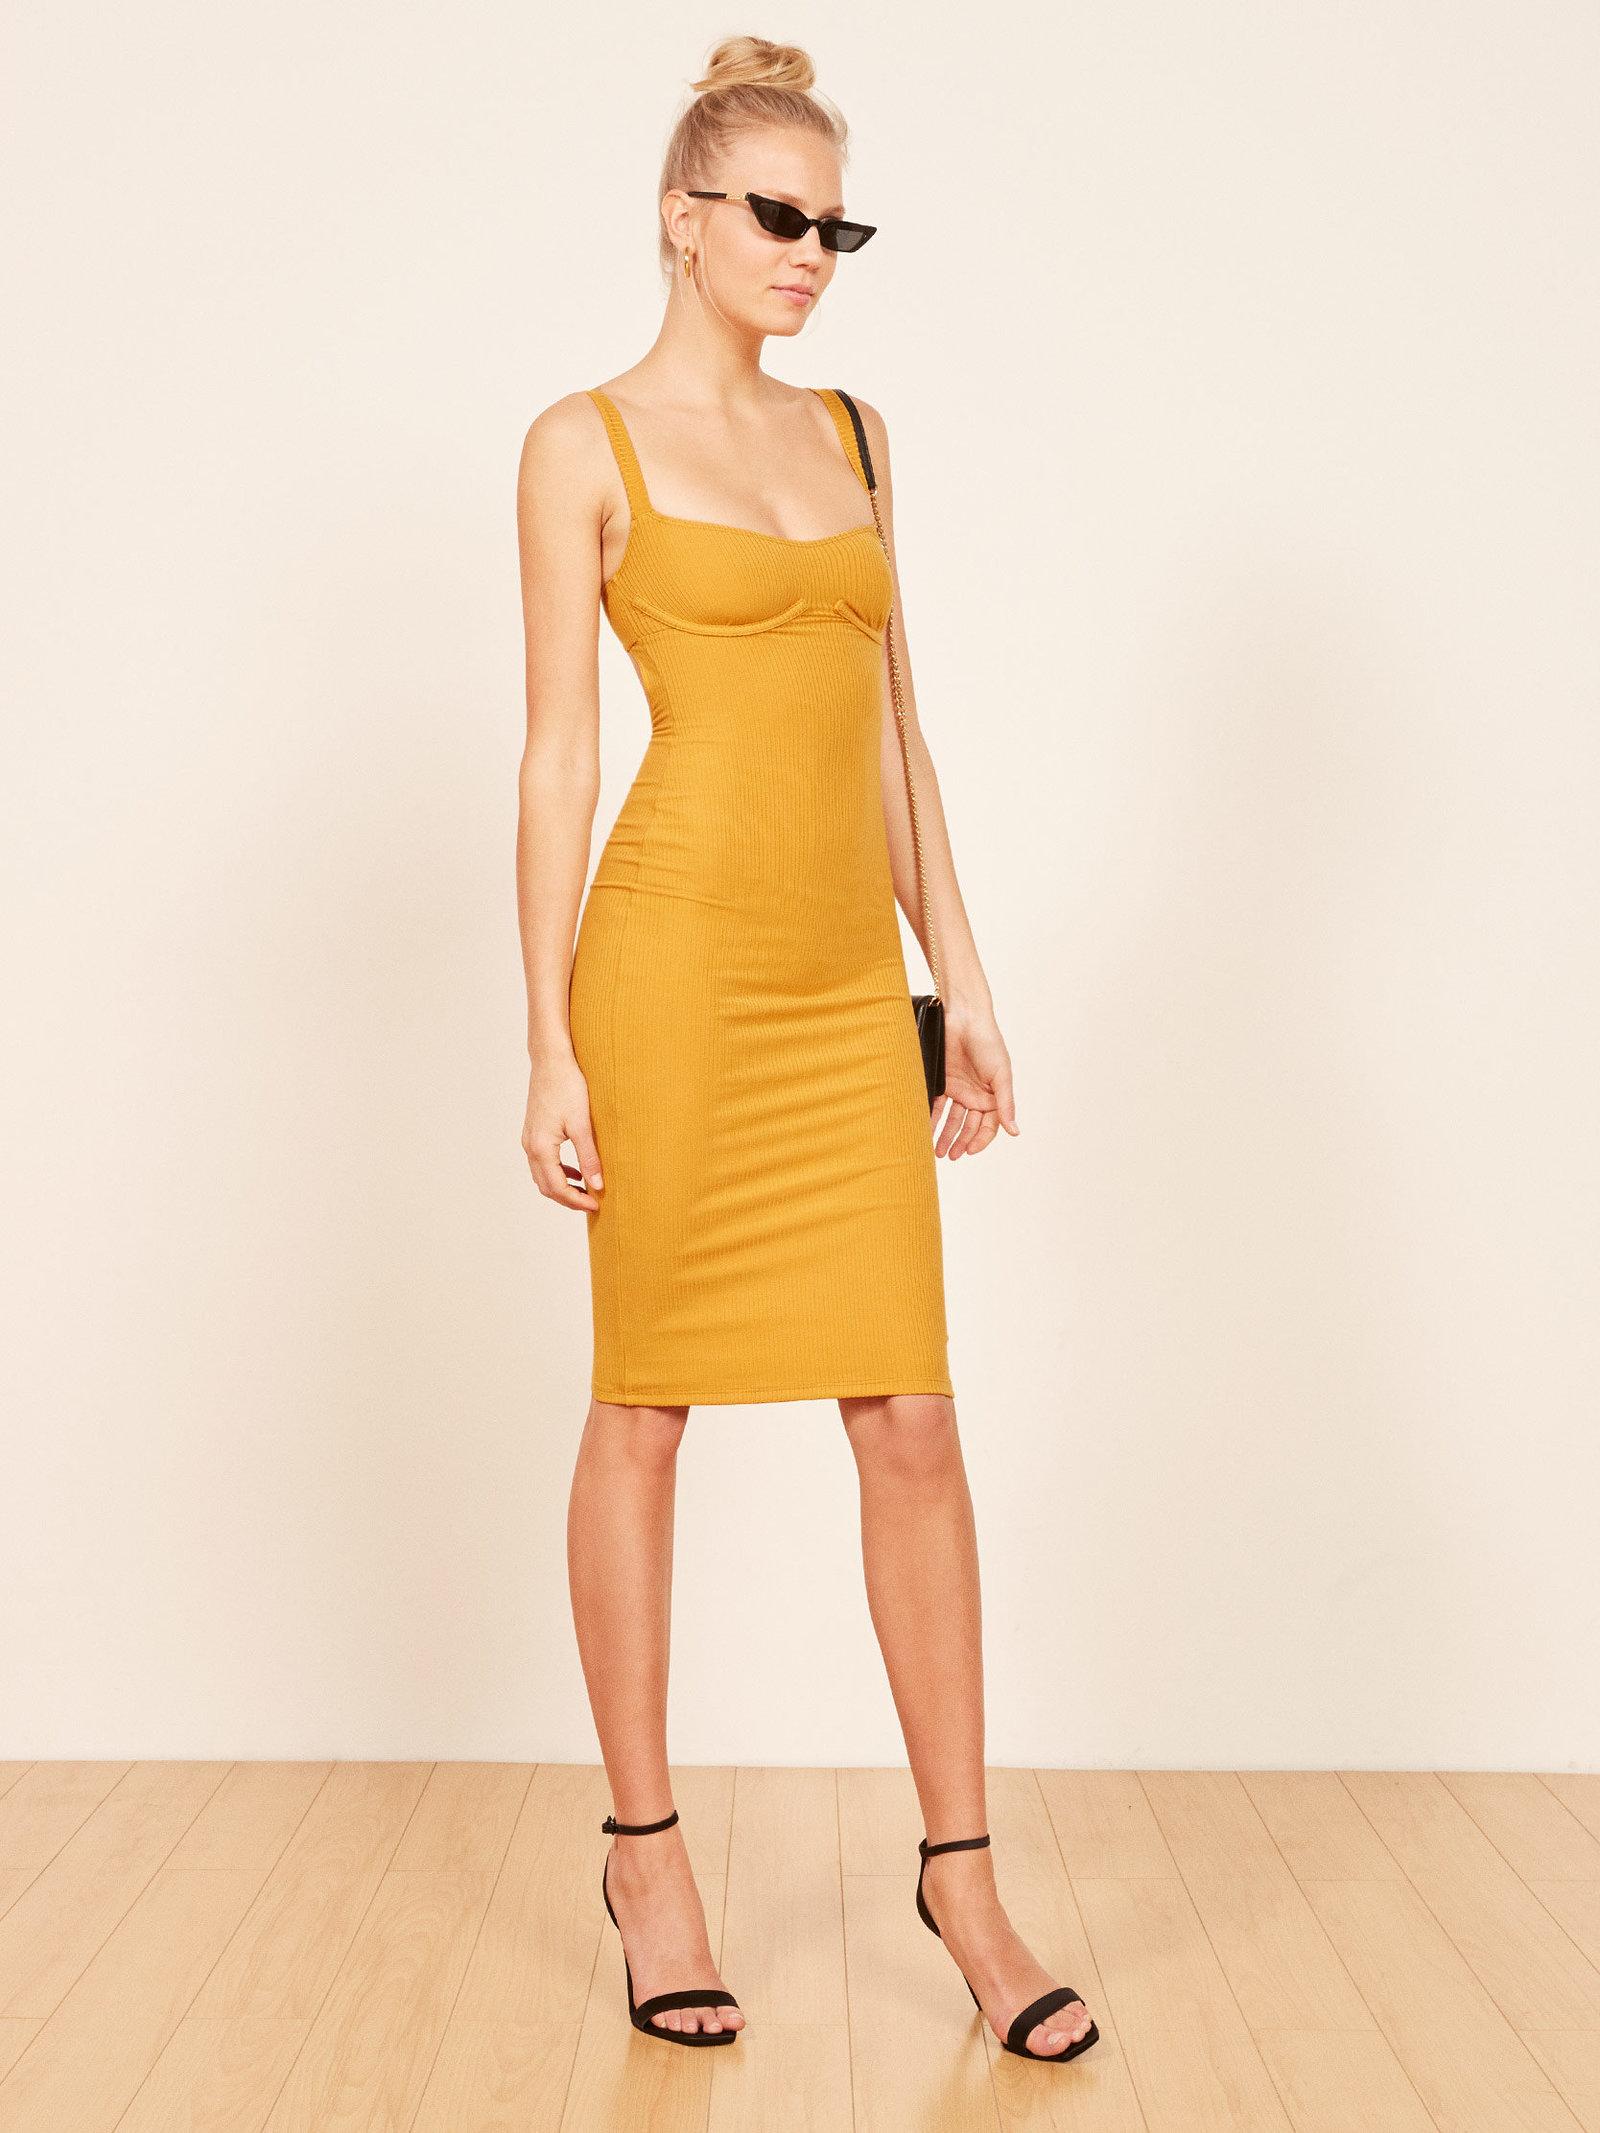 vestido, Kourtney Kardashian, famosas, estilo